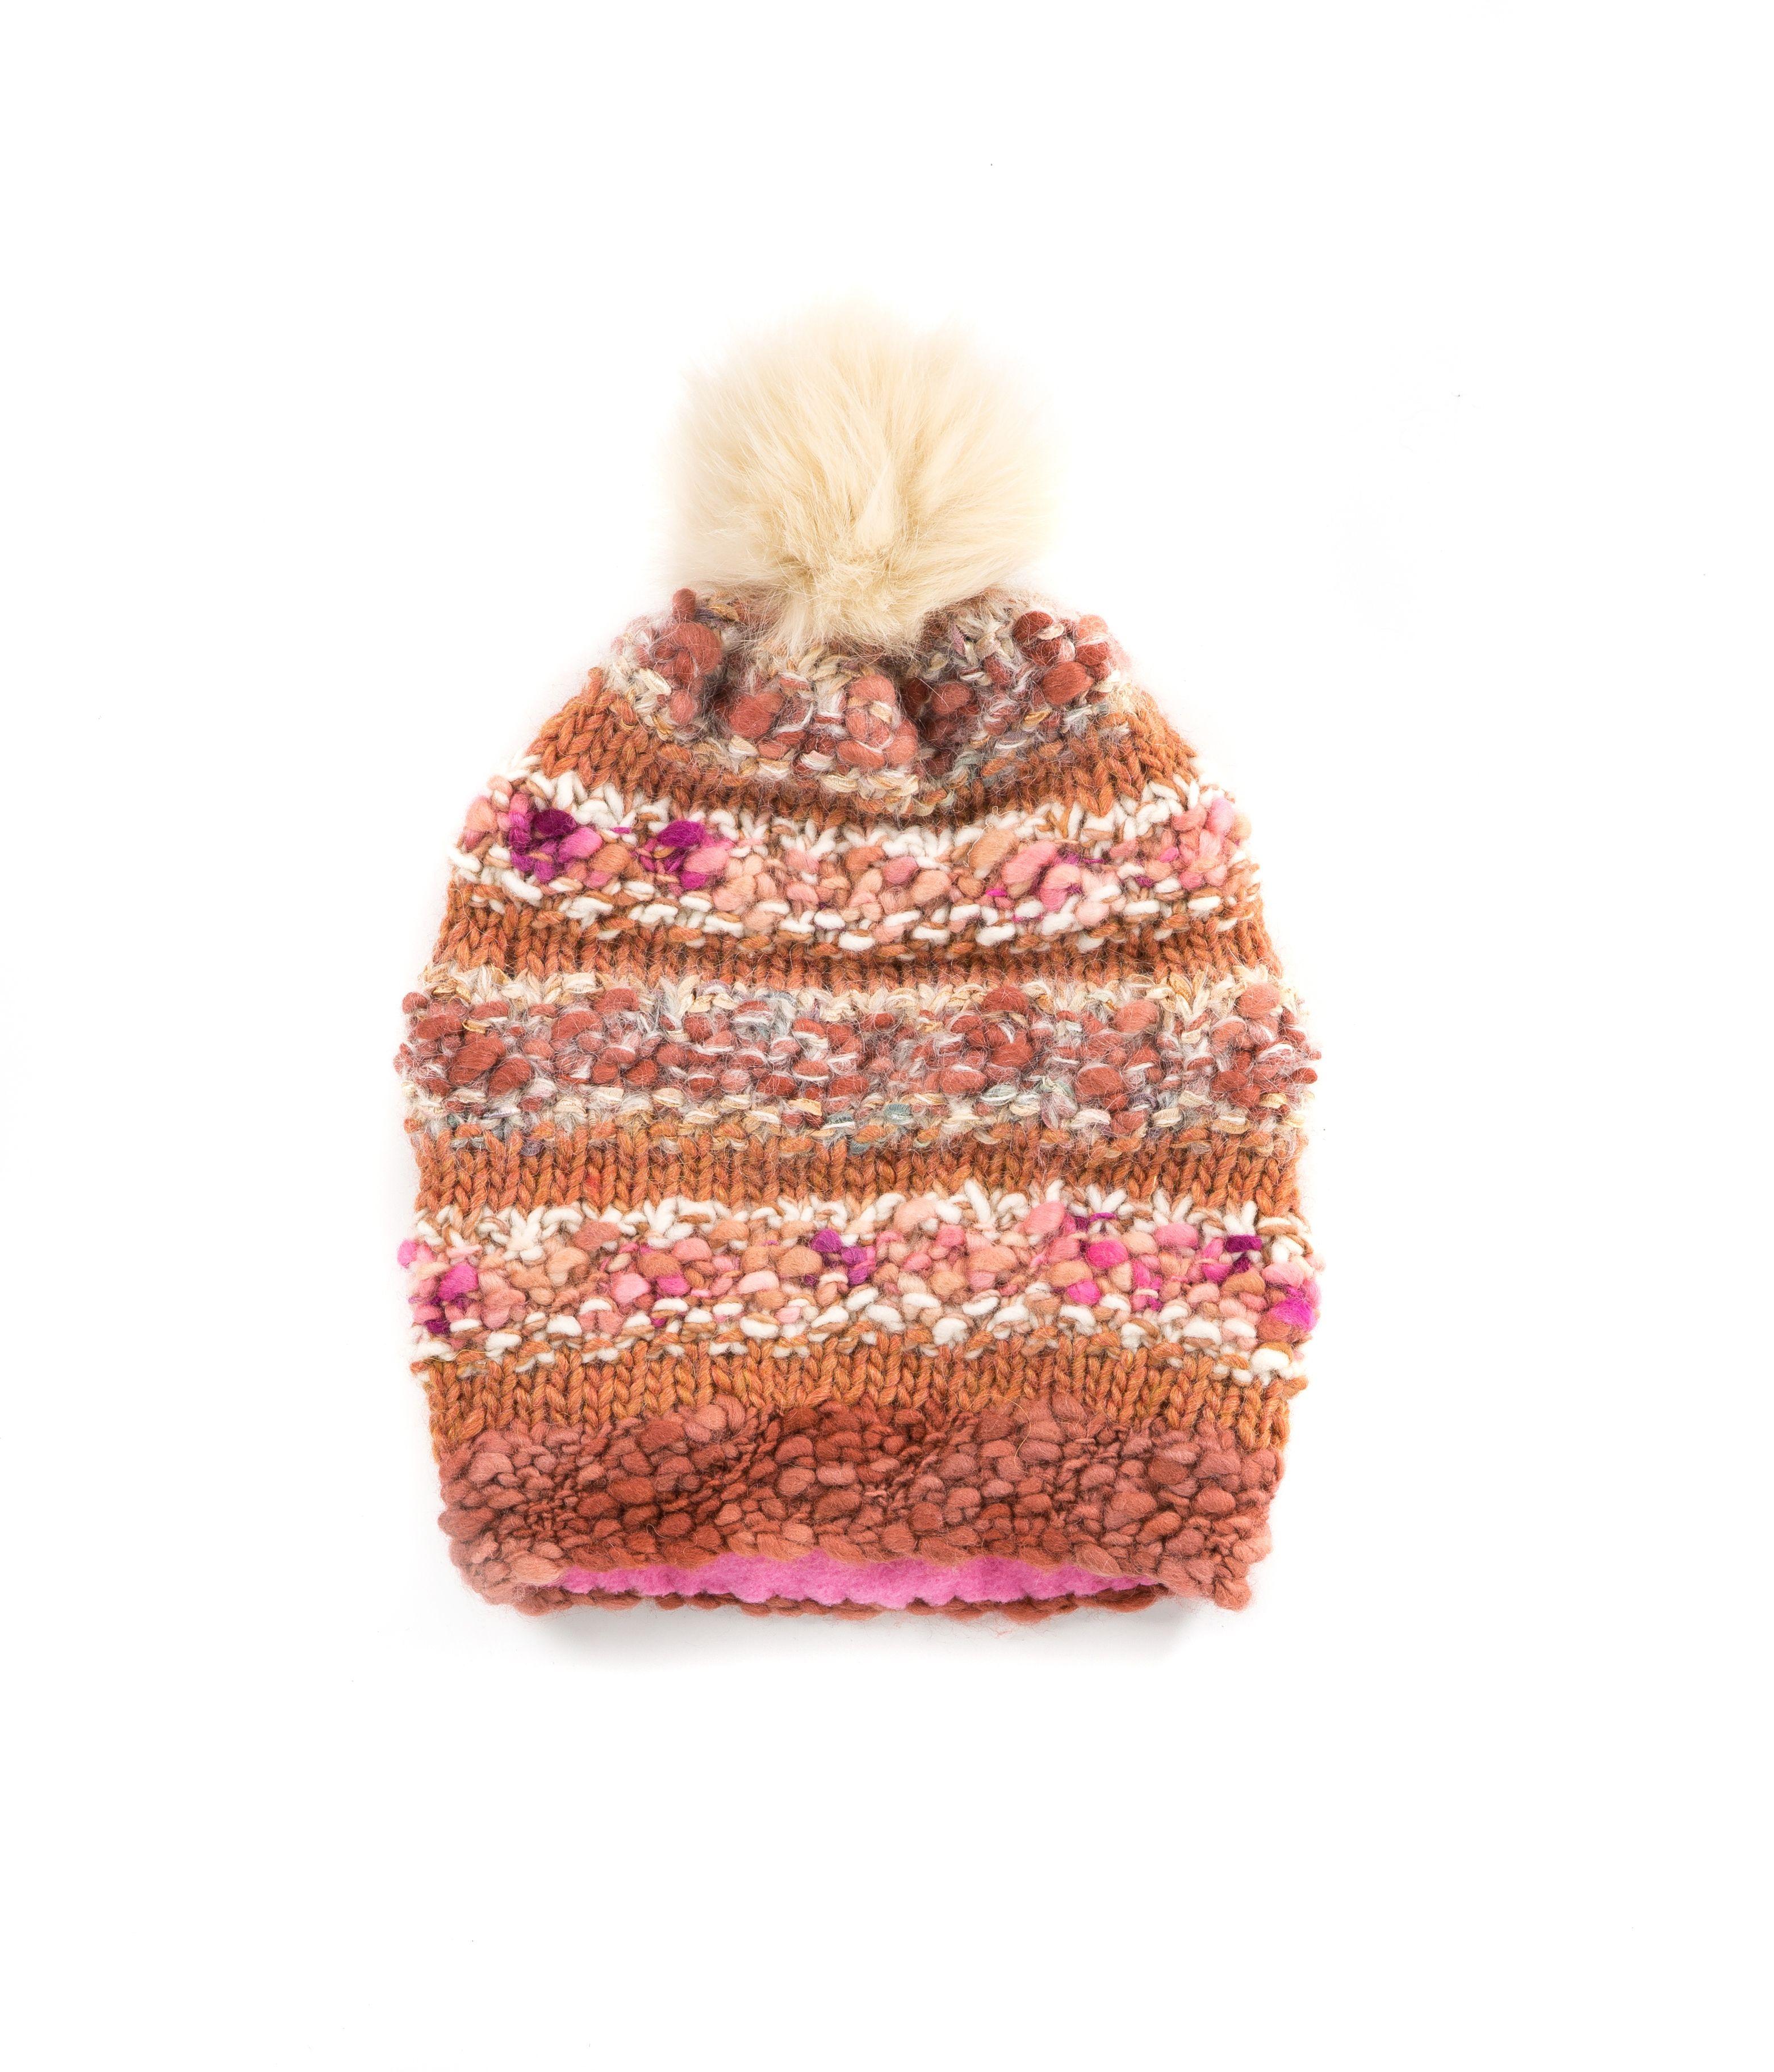 48ddf73c43764 KNIT BEANIE CAP FOR WOMEN in Cumin - The GŌBLE Women Knit Beanie Cap is a